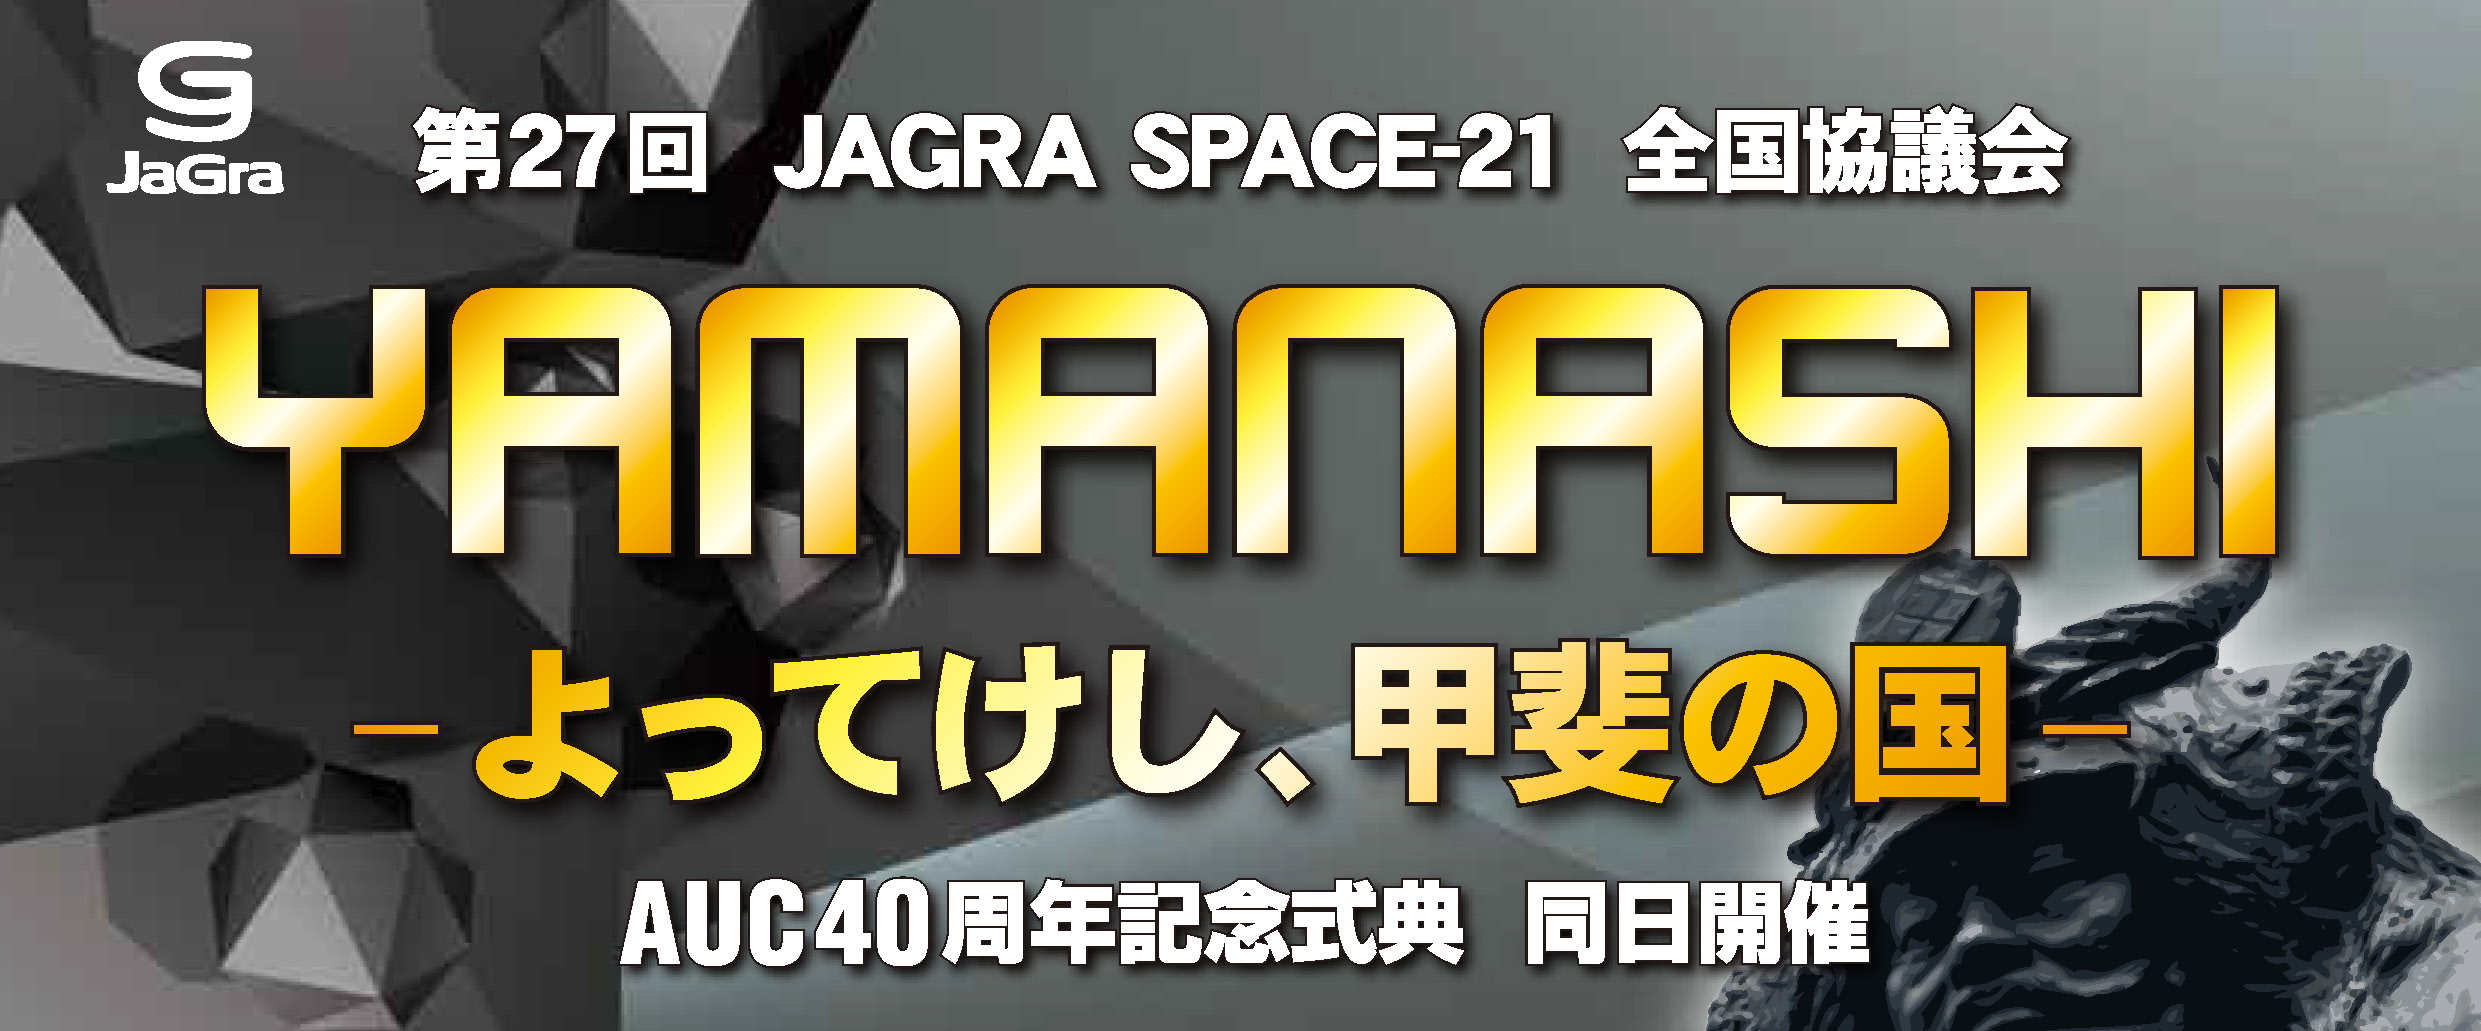 SPACE-21山梨大会